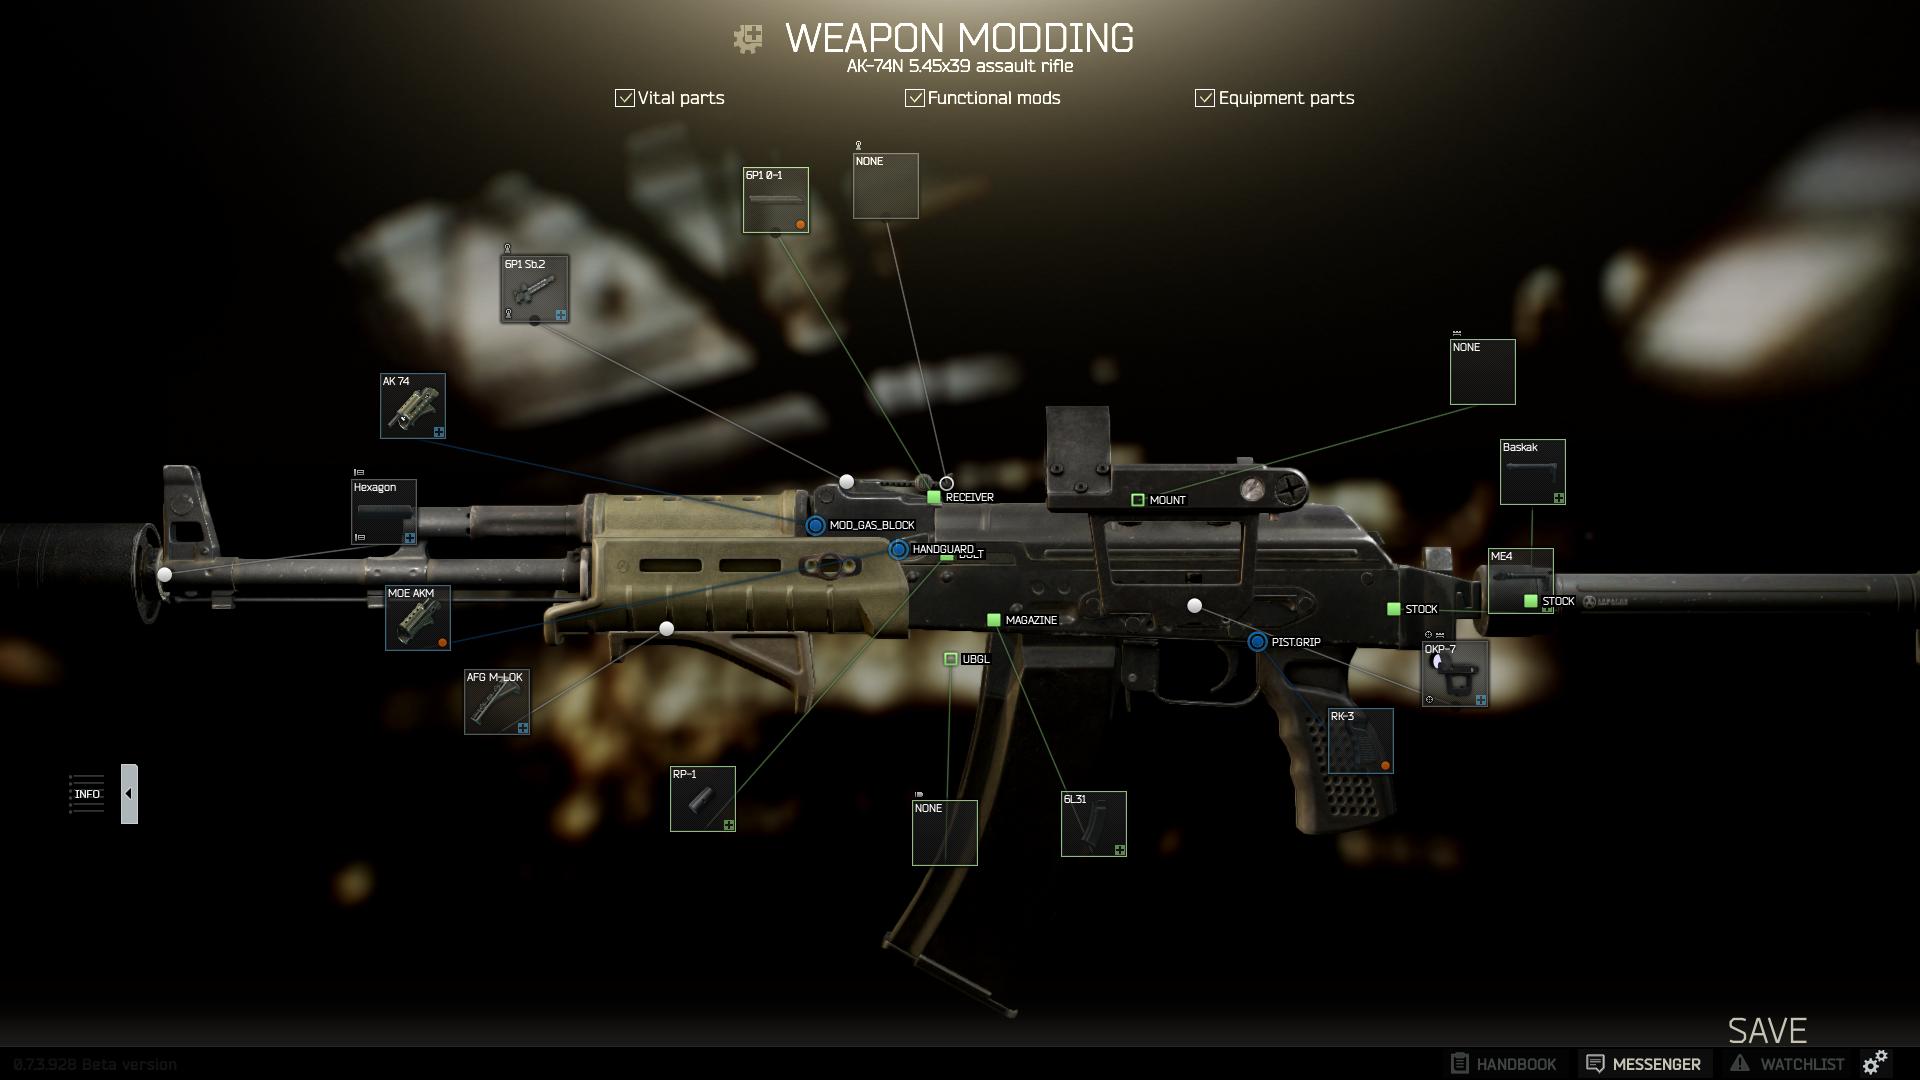 Ein Setup für AK-74N Ergonimics & Accuracy